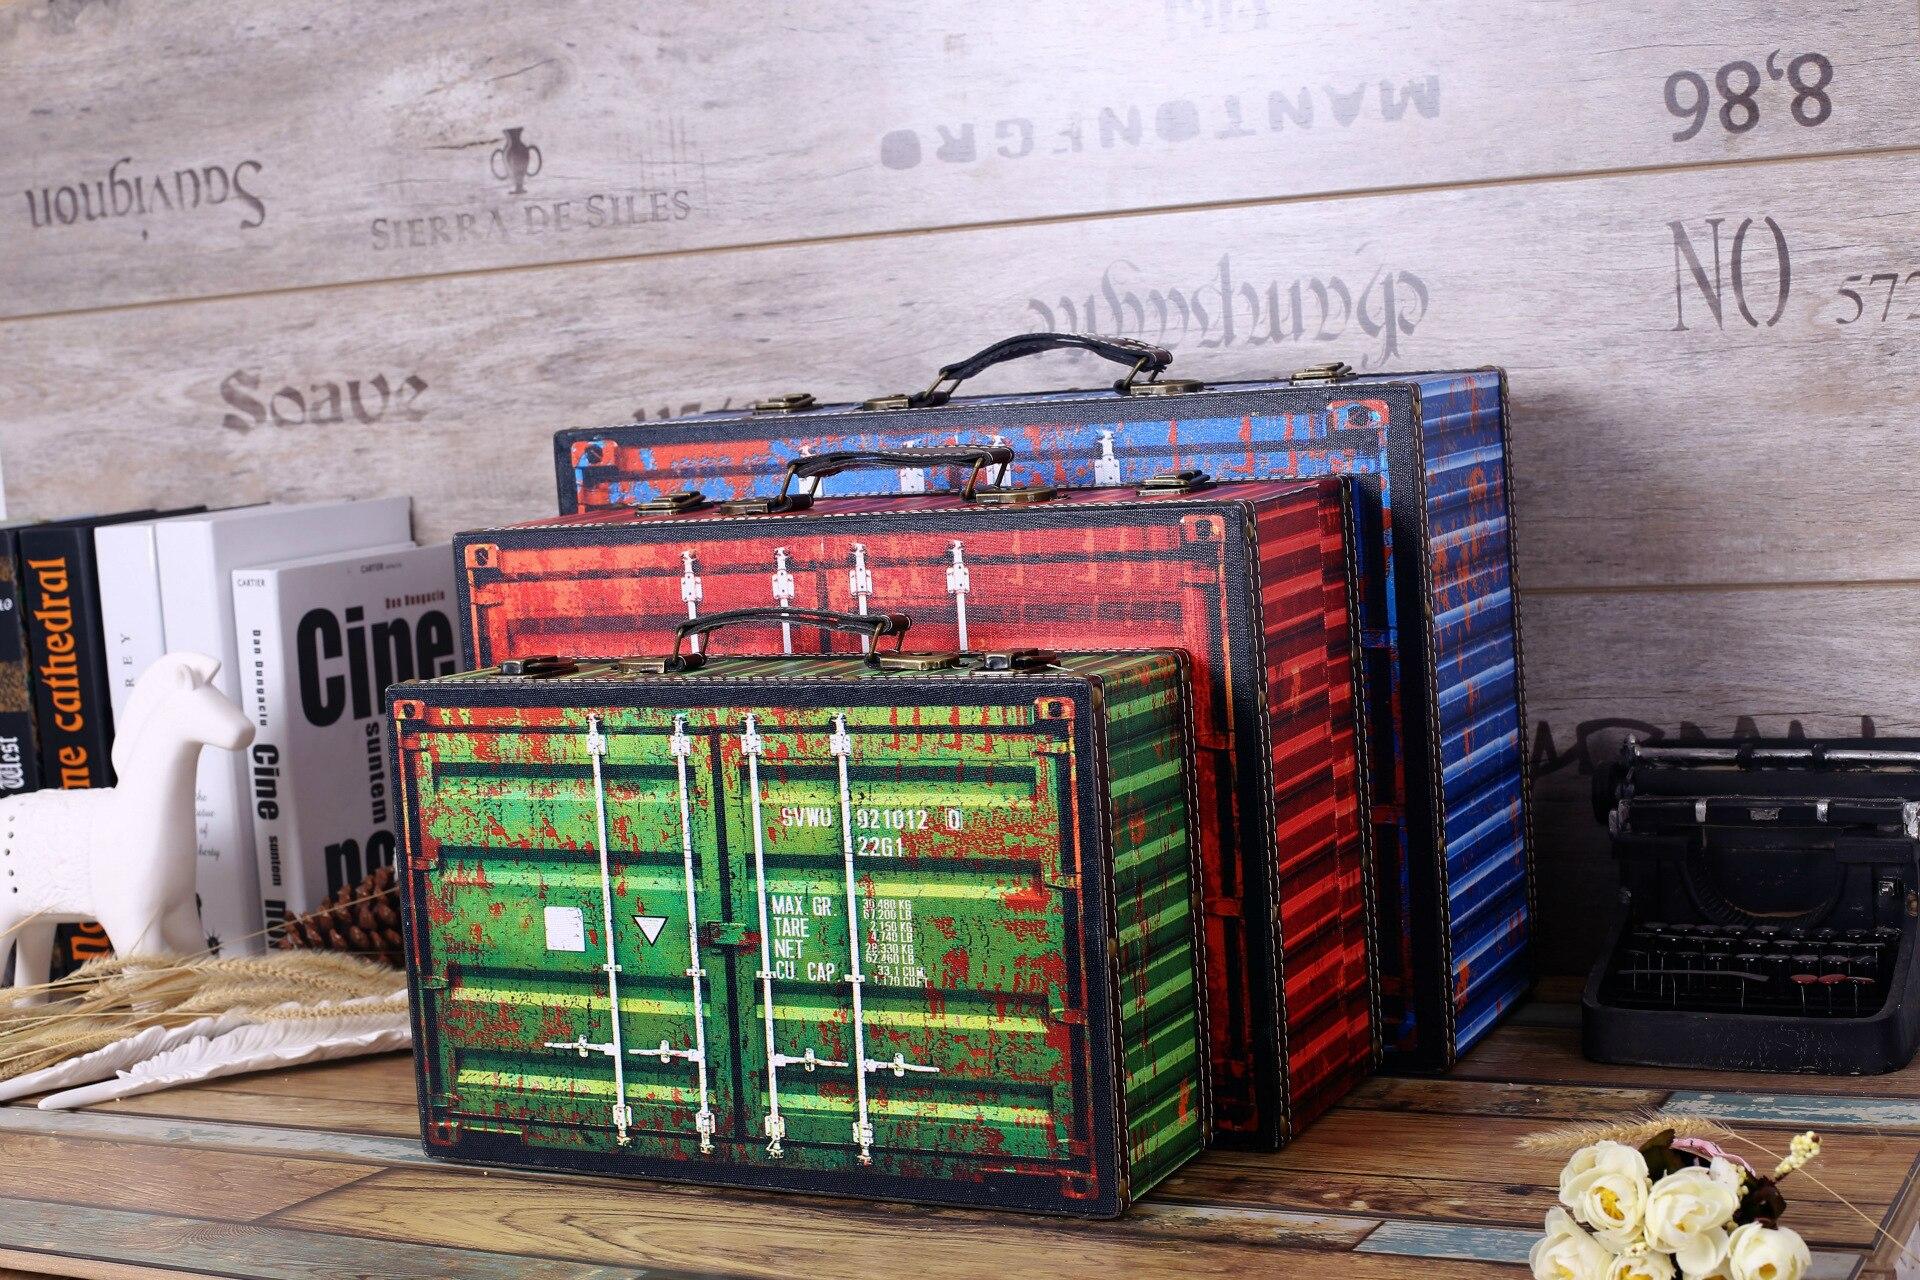 Rétro Boîte De Rangement Vintage Home Decor Shabby Chic En Bois Boîtes Bar Café Boutique Décoration Tir Props - 2